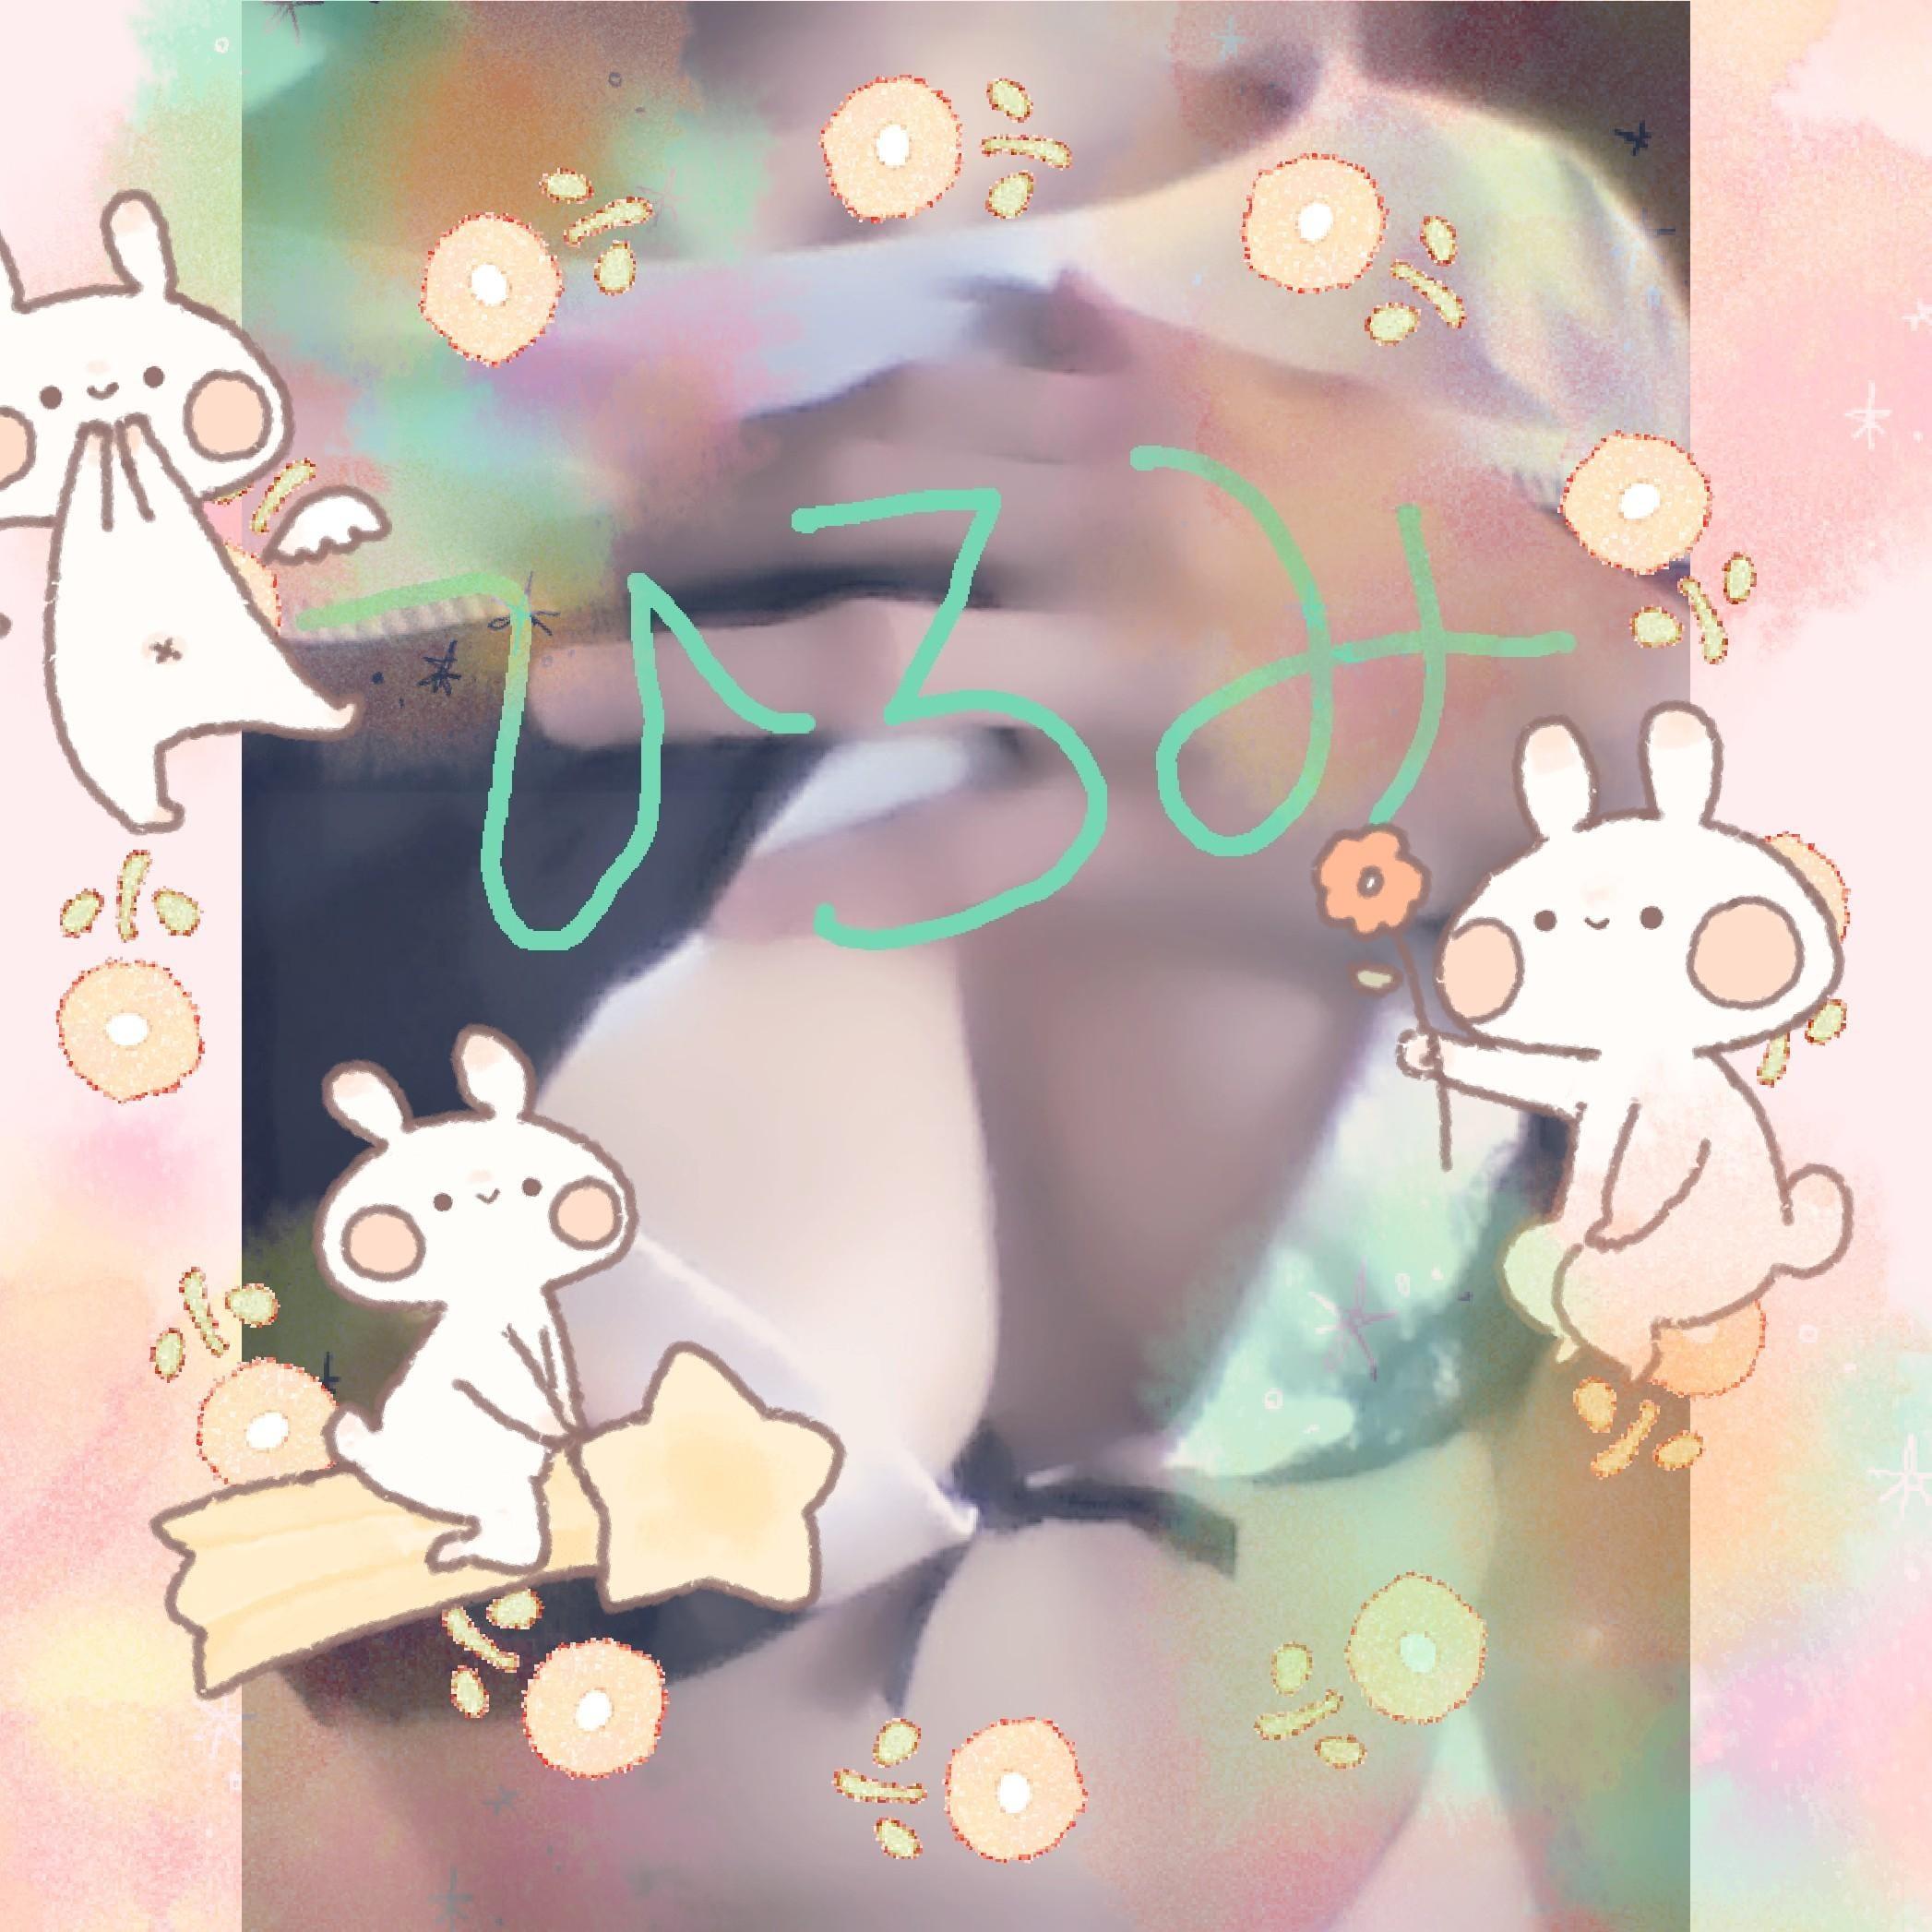 「ありがとうございます(^ω^)」08/28(火) 08:12 | 安西ひろみの写メ・風俗動画